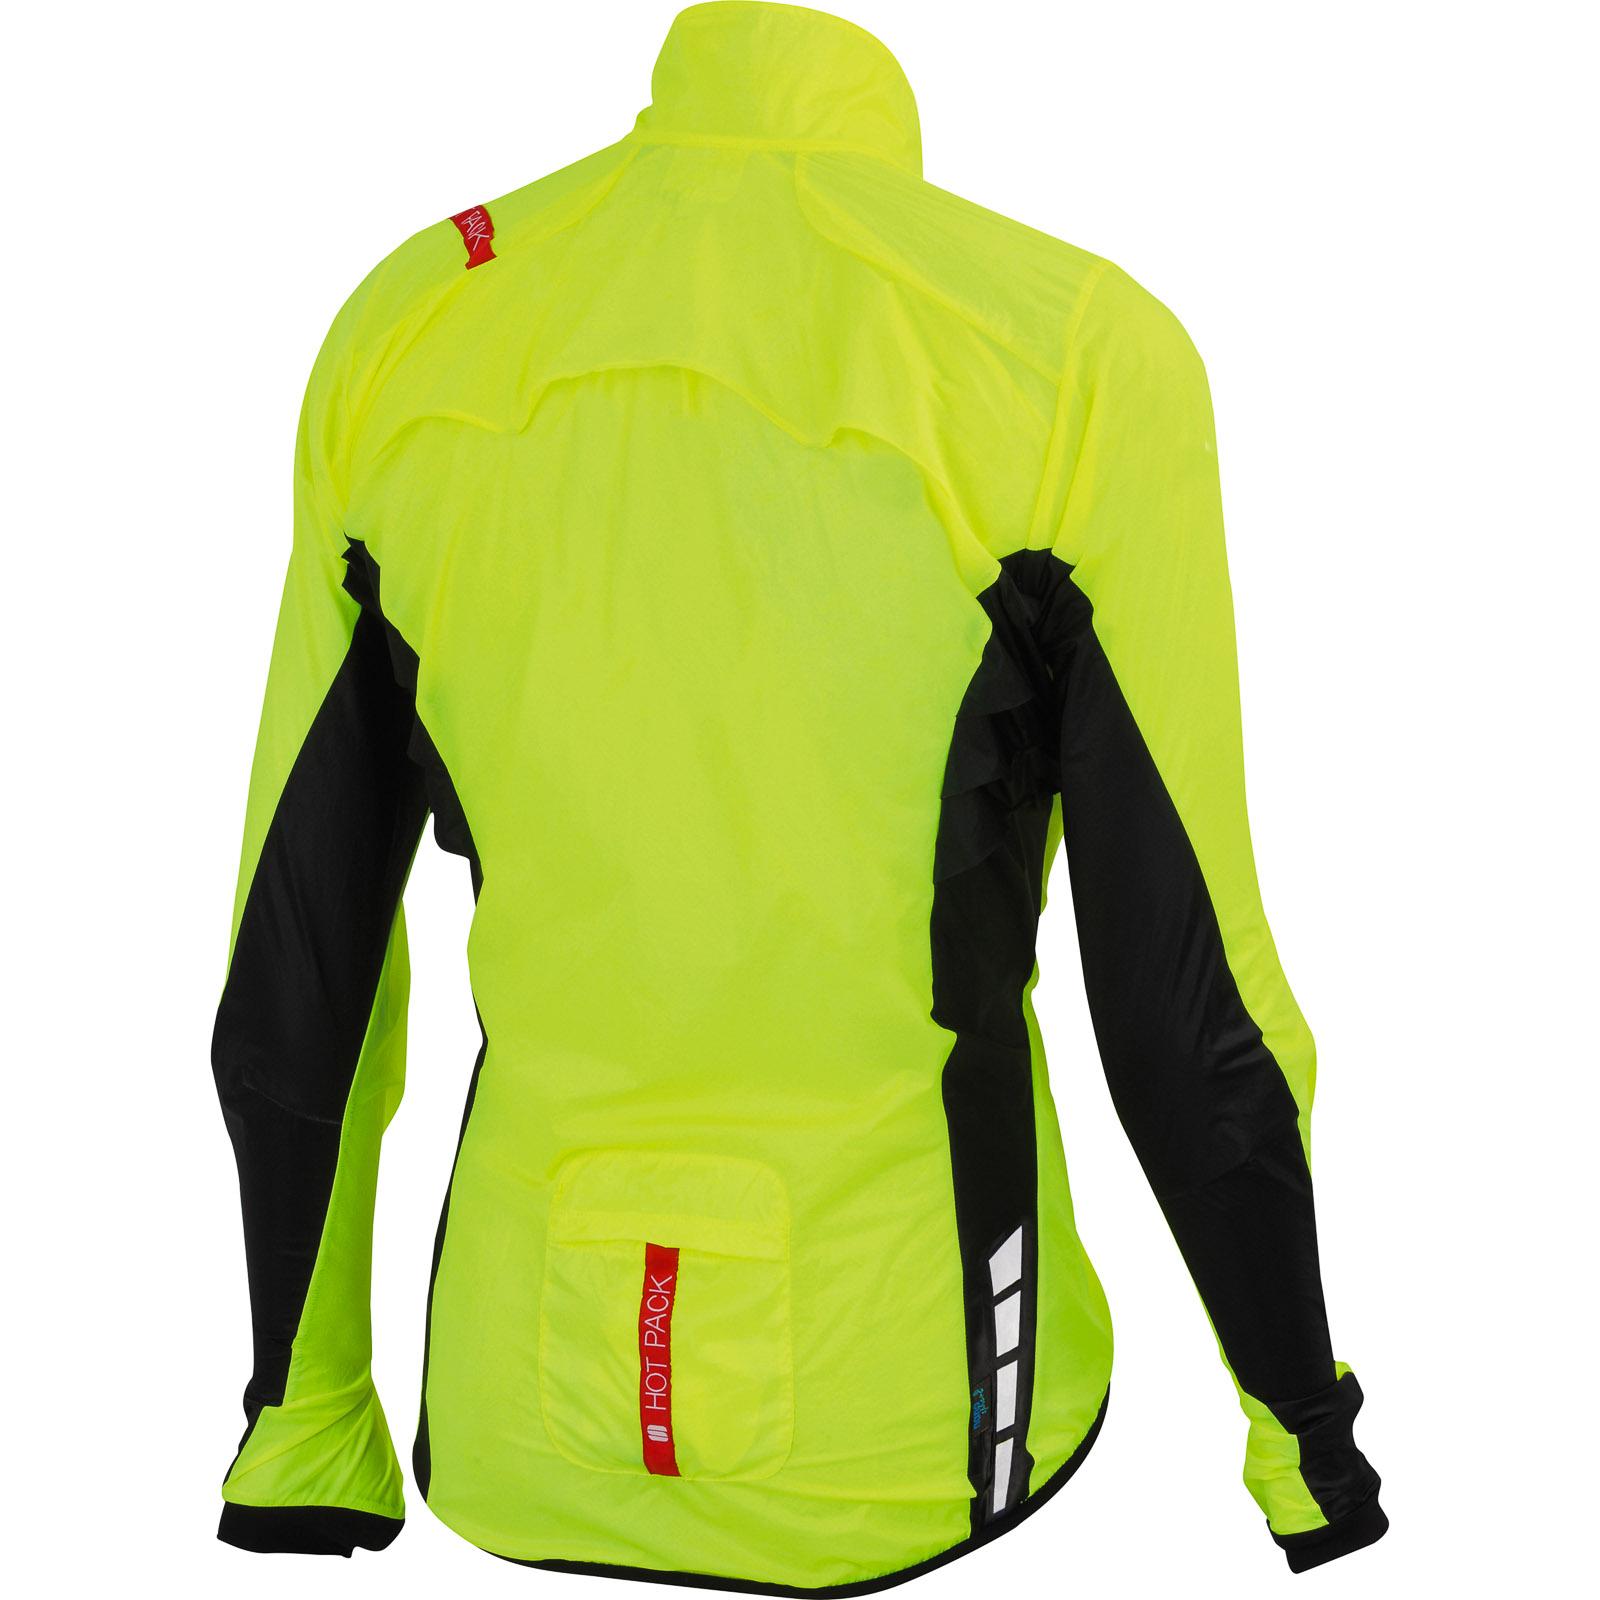 636ee9aff4665 Sportful Hot Pack 5 bunda fluo žltá/čierna. Pre absolútny zážitok prosím  použite prehliadač s javascriptom